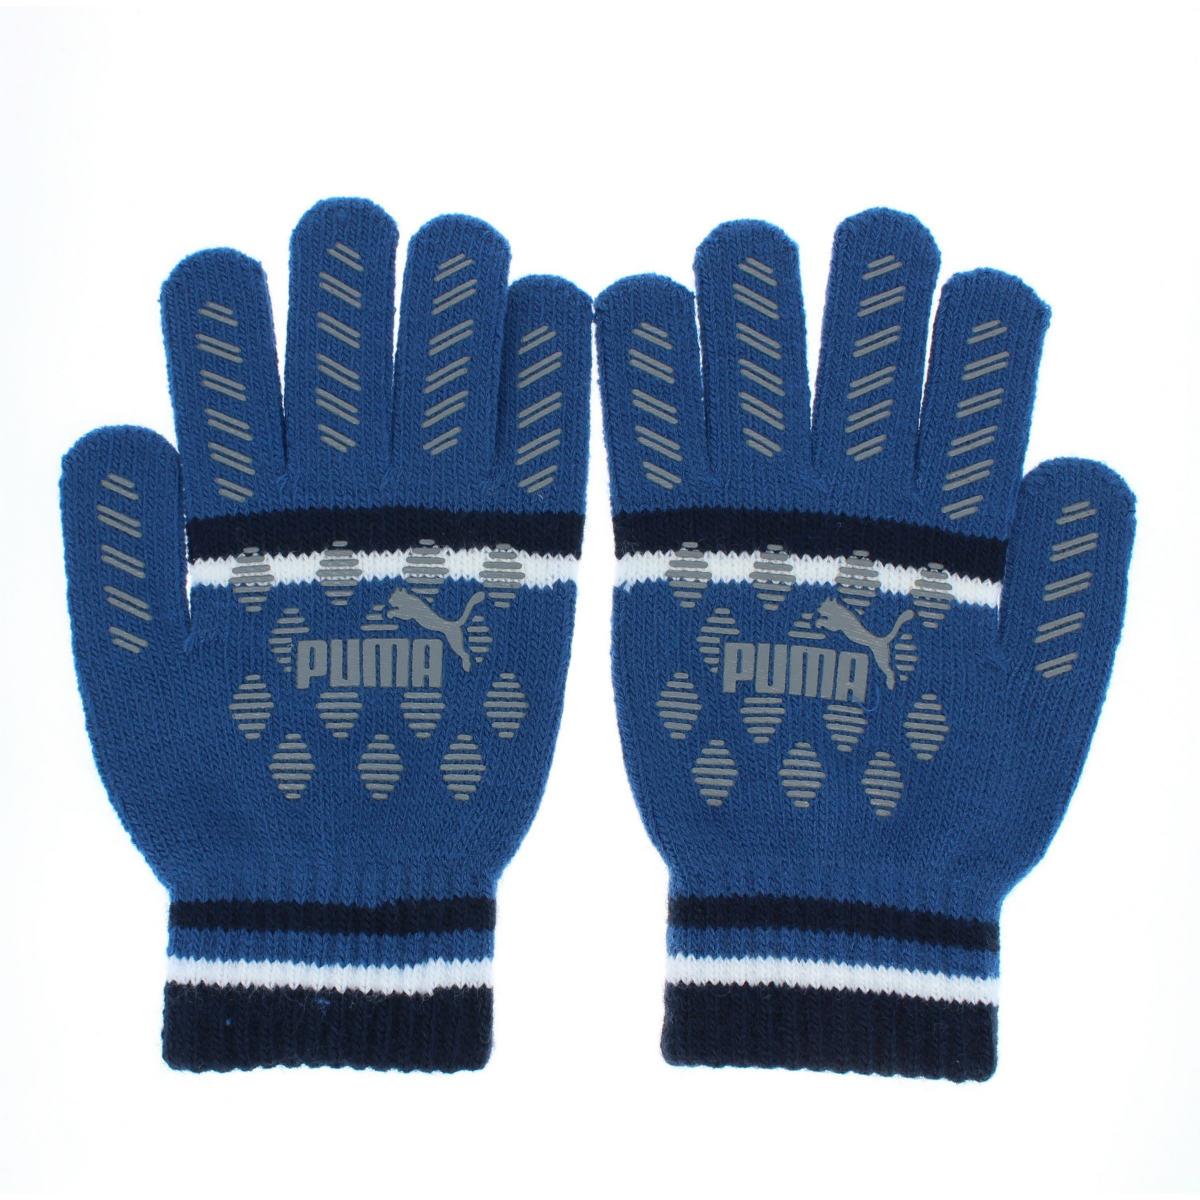 PUMA マジックグローブ プーマ ボーイズ サッカー スポーツ のびのび ニット手袋 すべり止め付き キッズ Mサイズ 小学校高学年